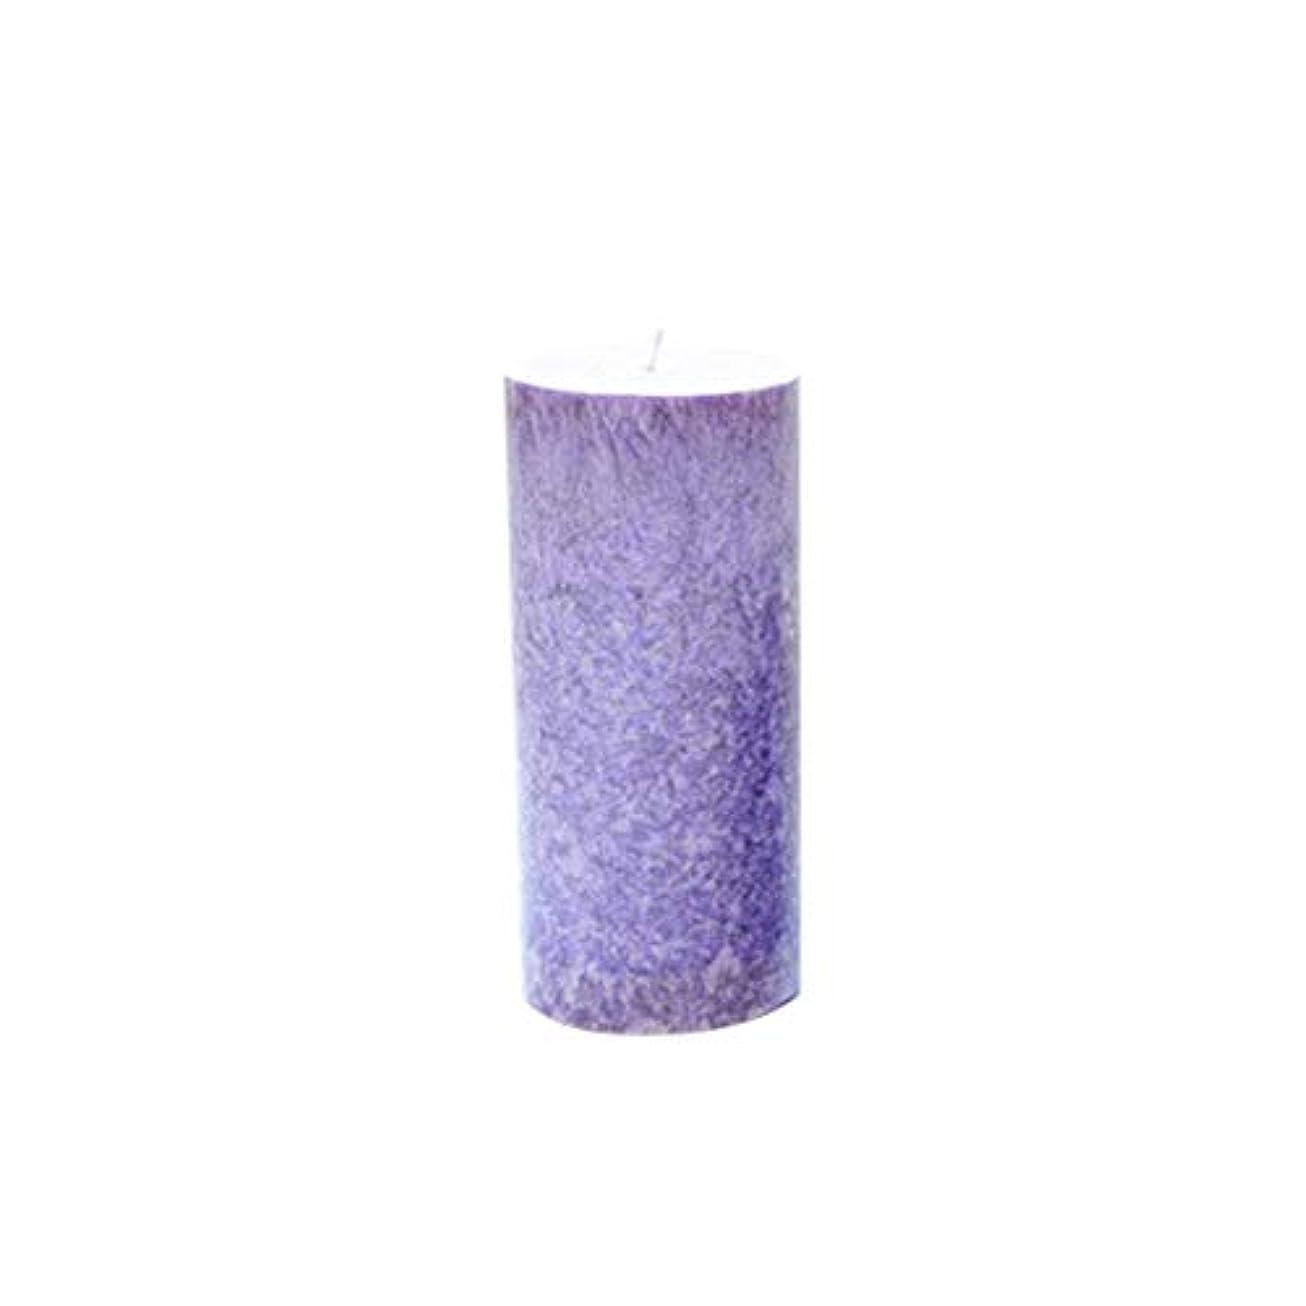 背の高いけん引ファッションRakuby 香料入り 蝋燭 ロマンチック 紫色 ラベンダー アロマ療法 柱 蝋燭 祝祭 結婚祝い 無煙蝋燭